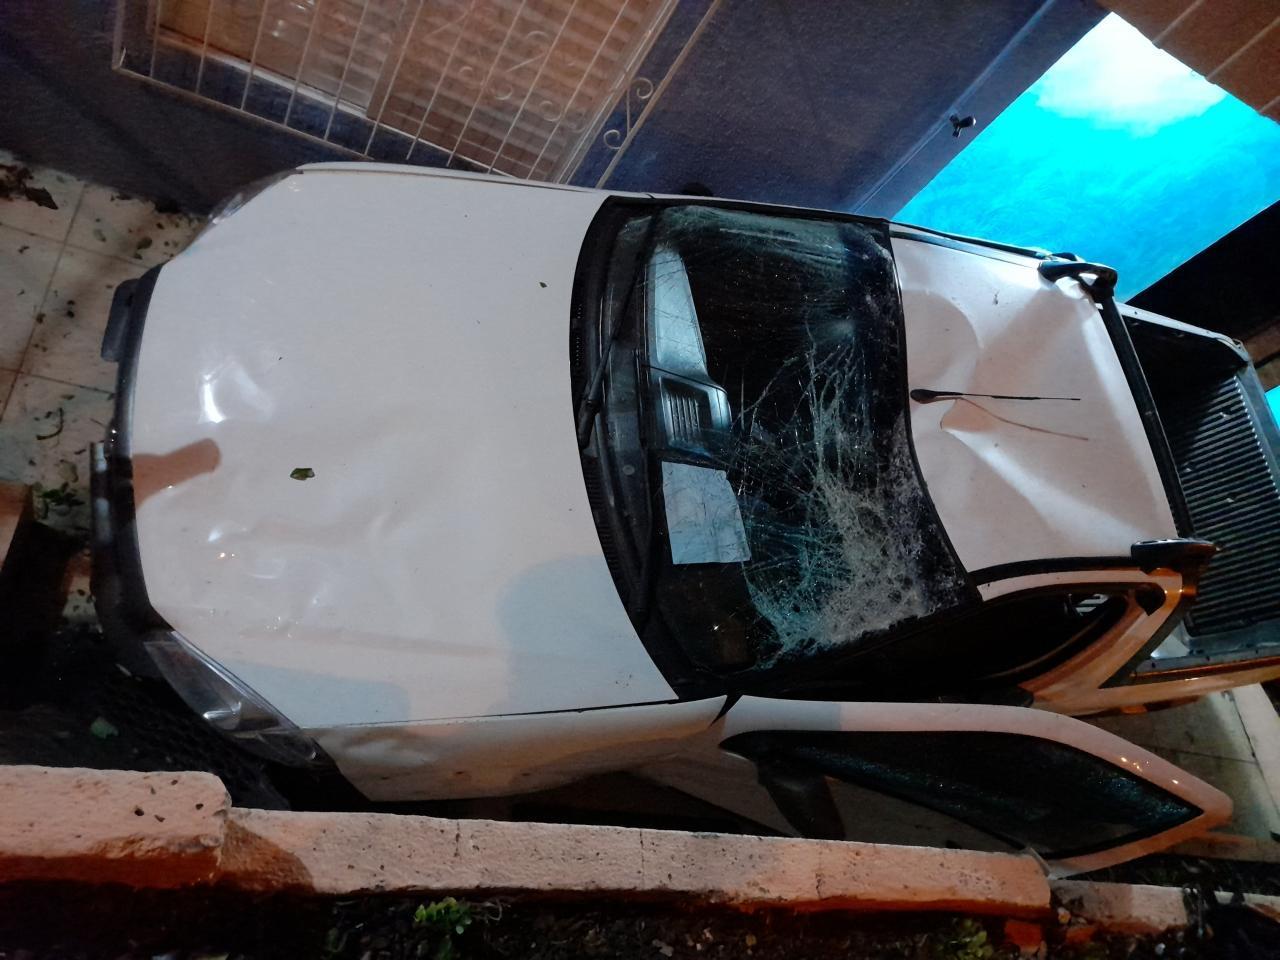 Motorista embriagado se envolve em acidente, tenta fugir, mas acaba detido pelo próprio filho